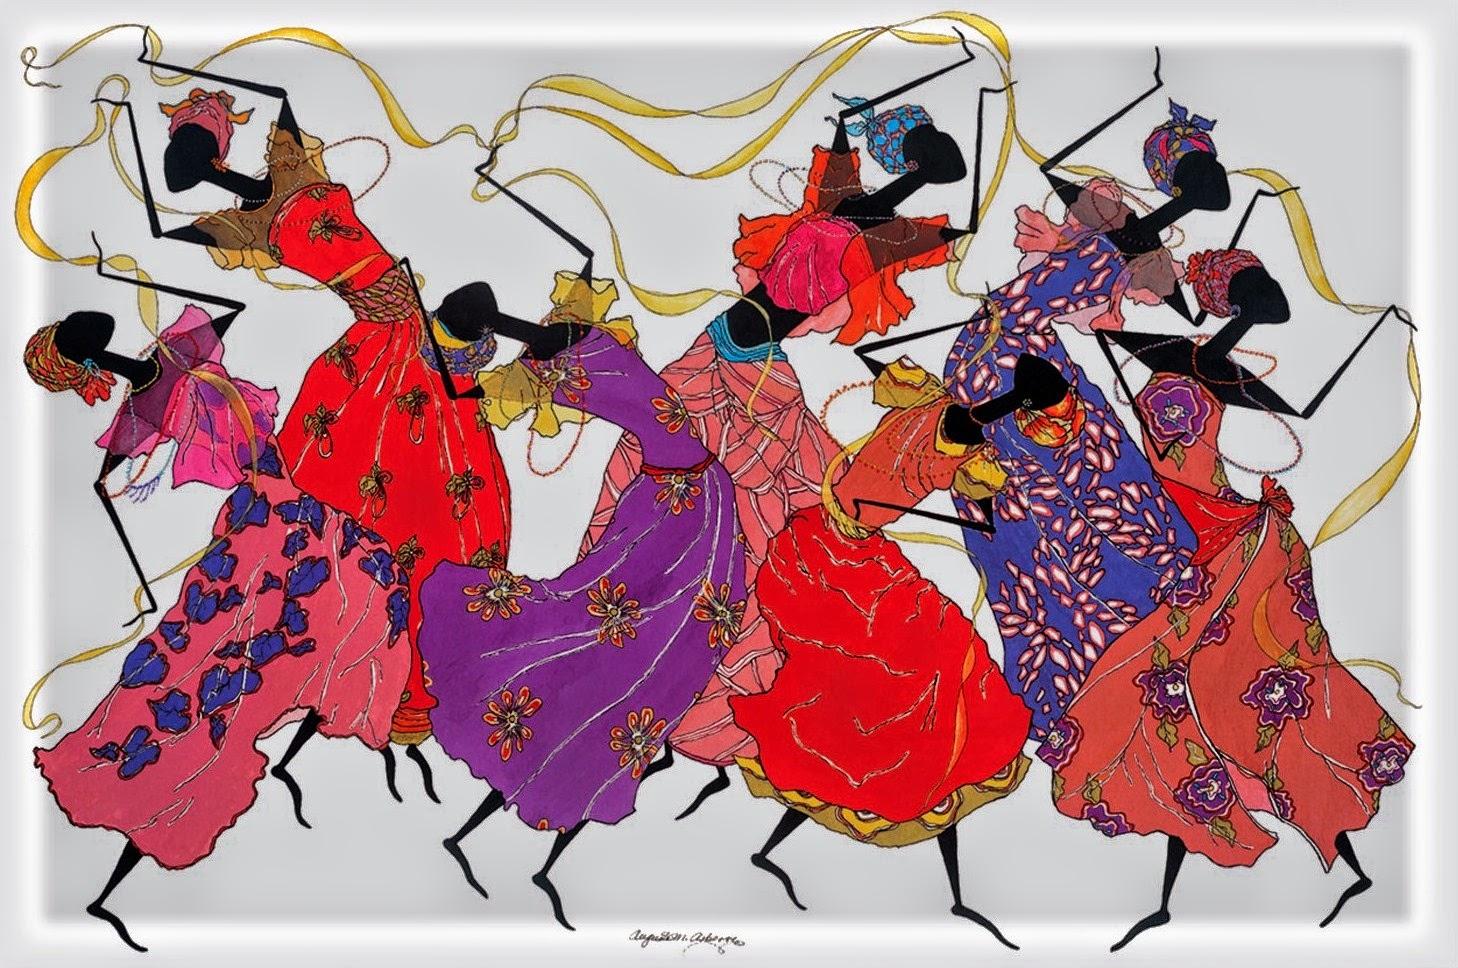 cuadros-africanos-con-mujeres